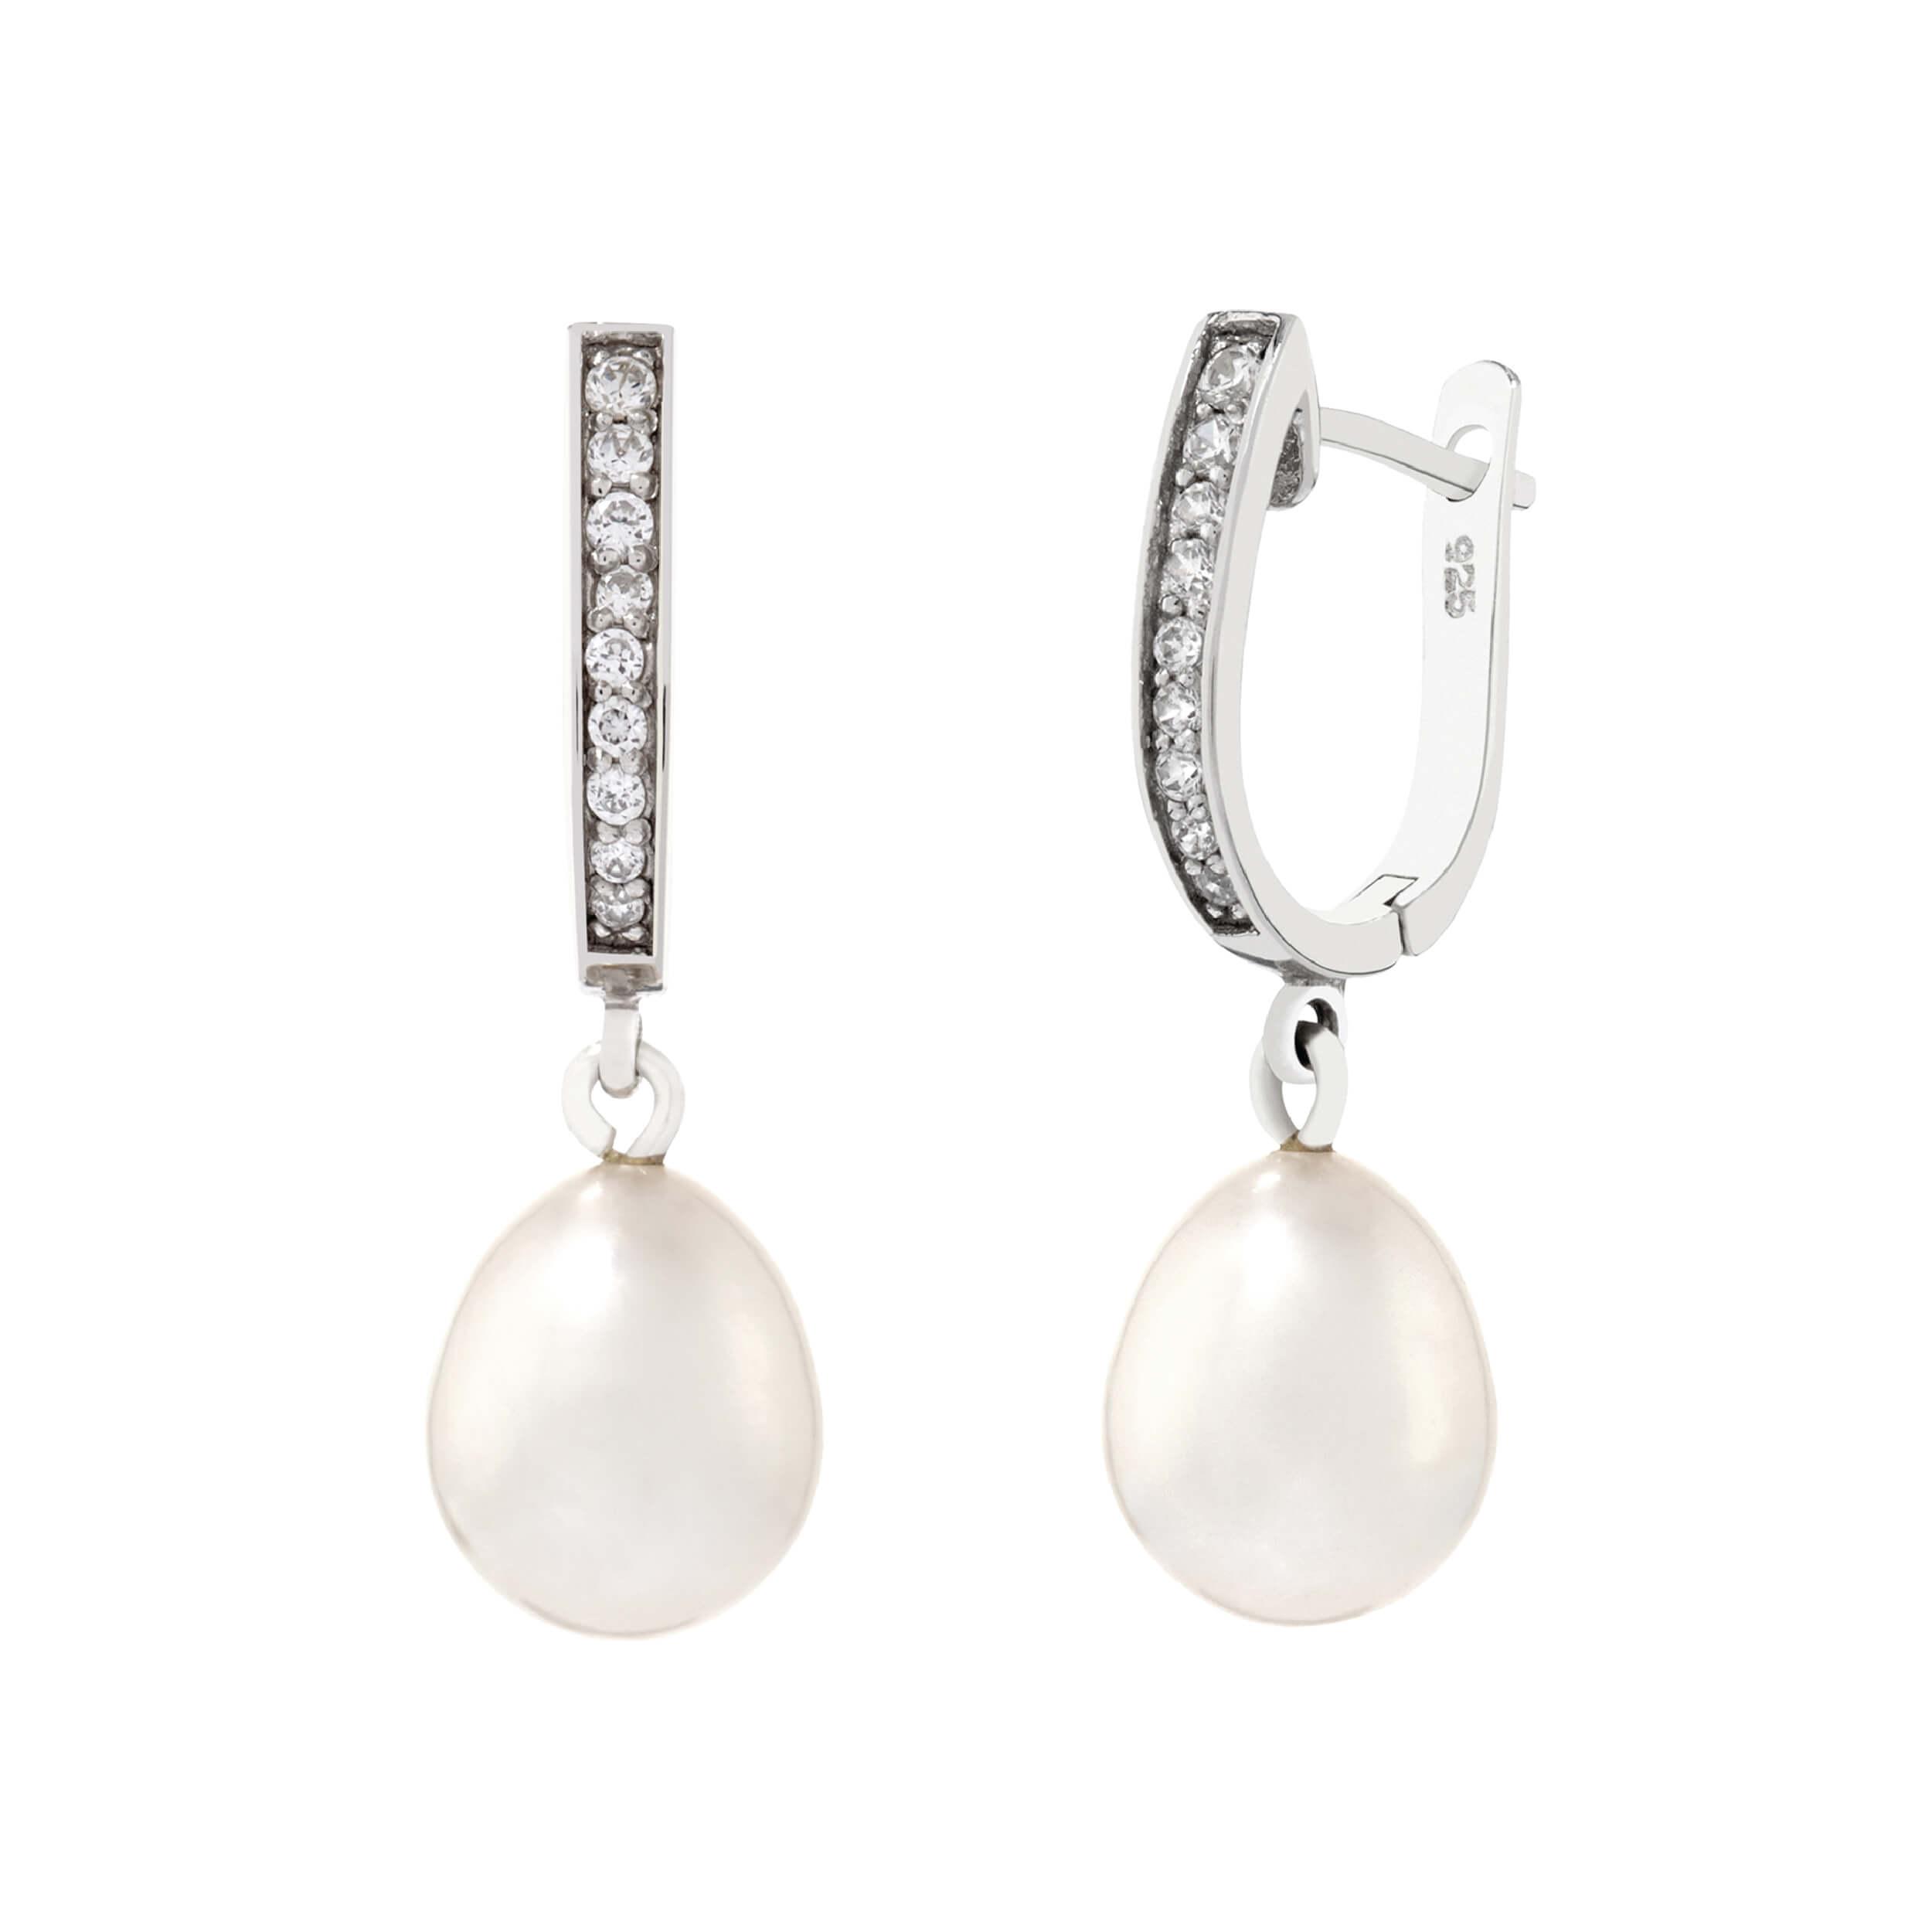 Pearl Earrings by Bijoux Jewels